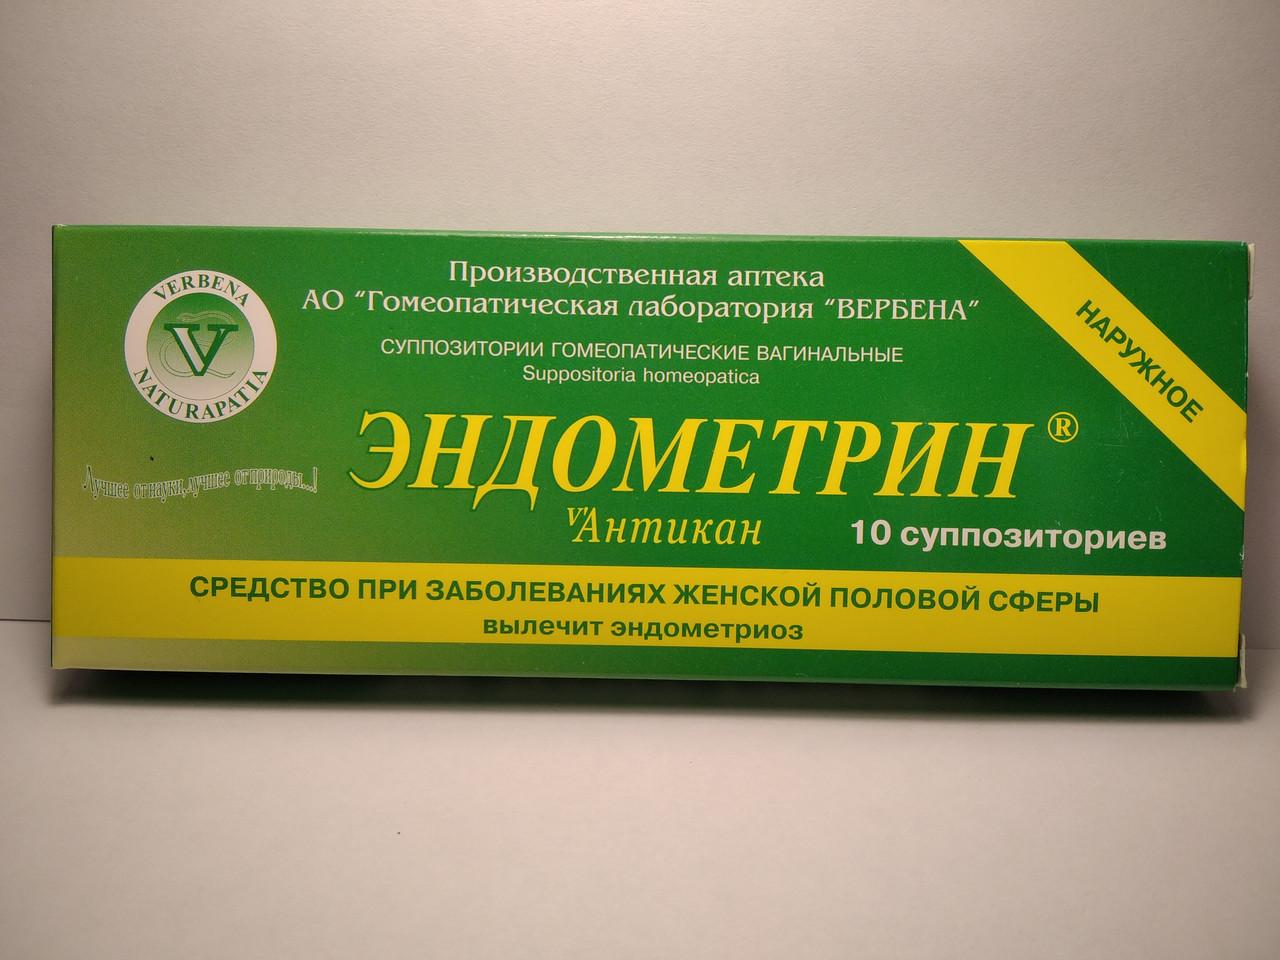 Свечи от эндометриоза Эндометрин гемеопатические 10 шт Вербена